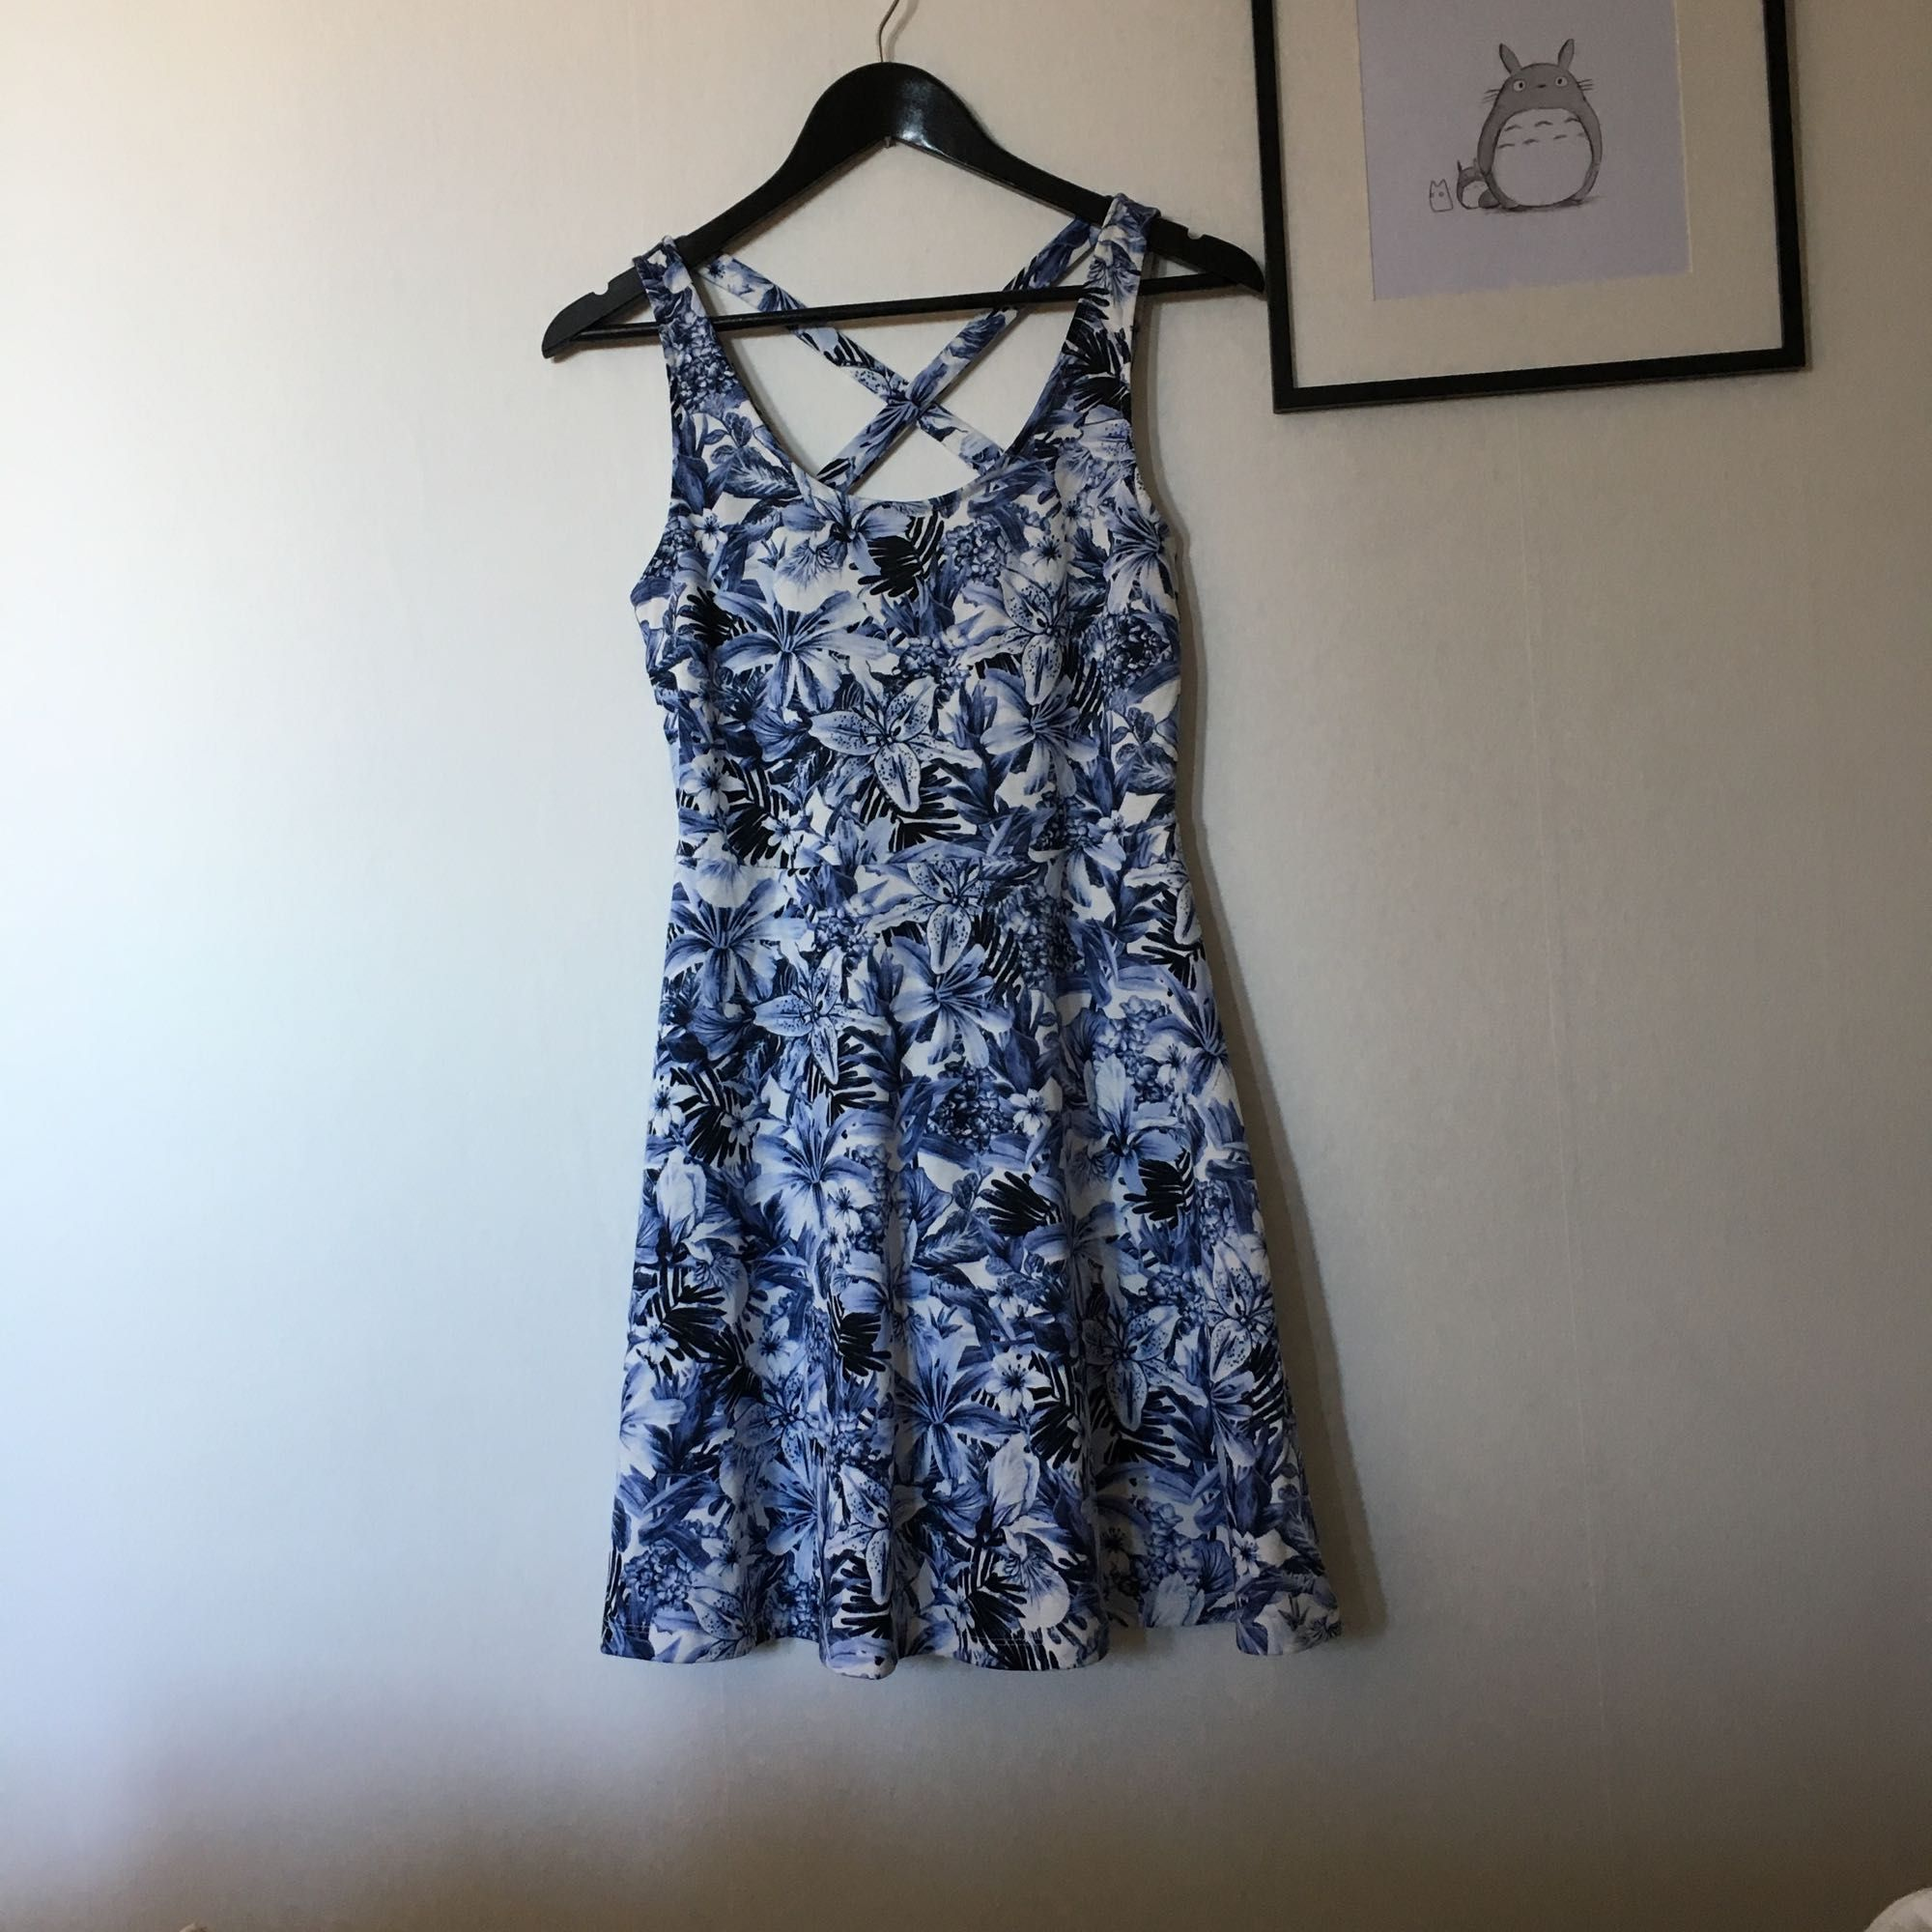 Blå blommig klänning från H M - H M Klänningar - Second Hand 100969773ef1c